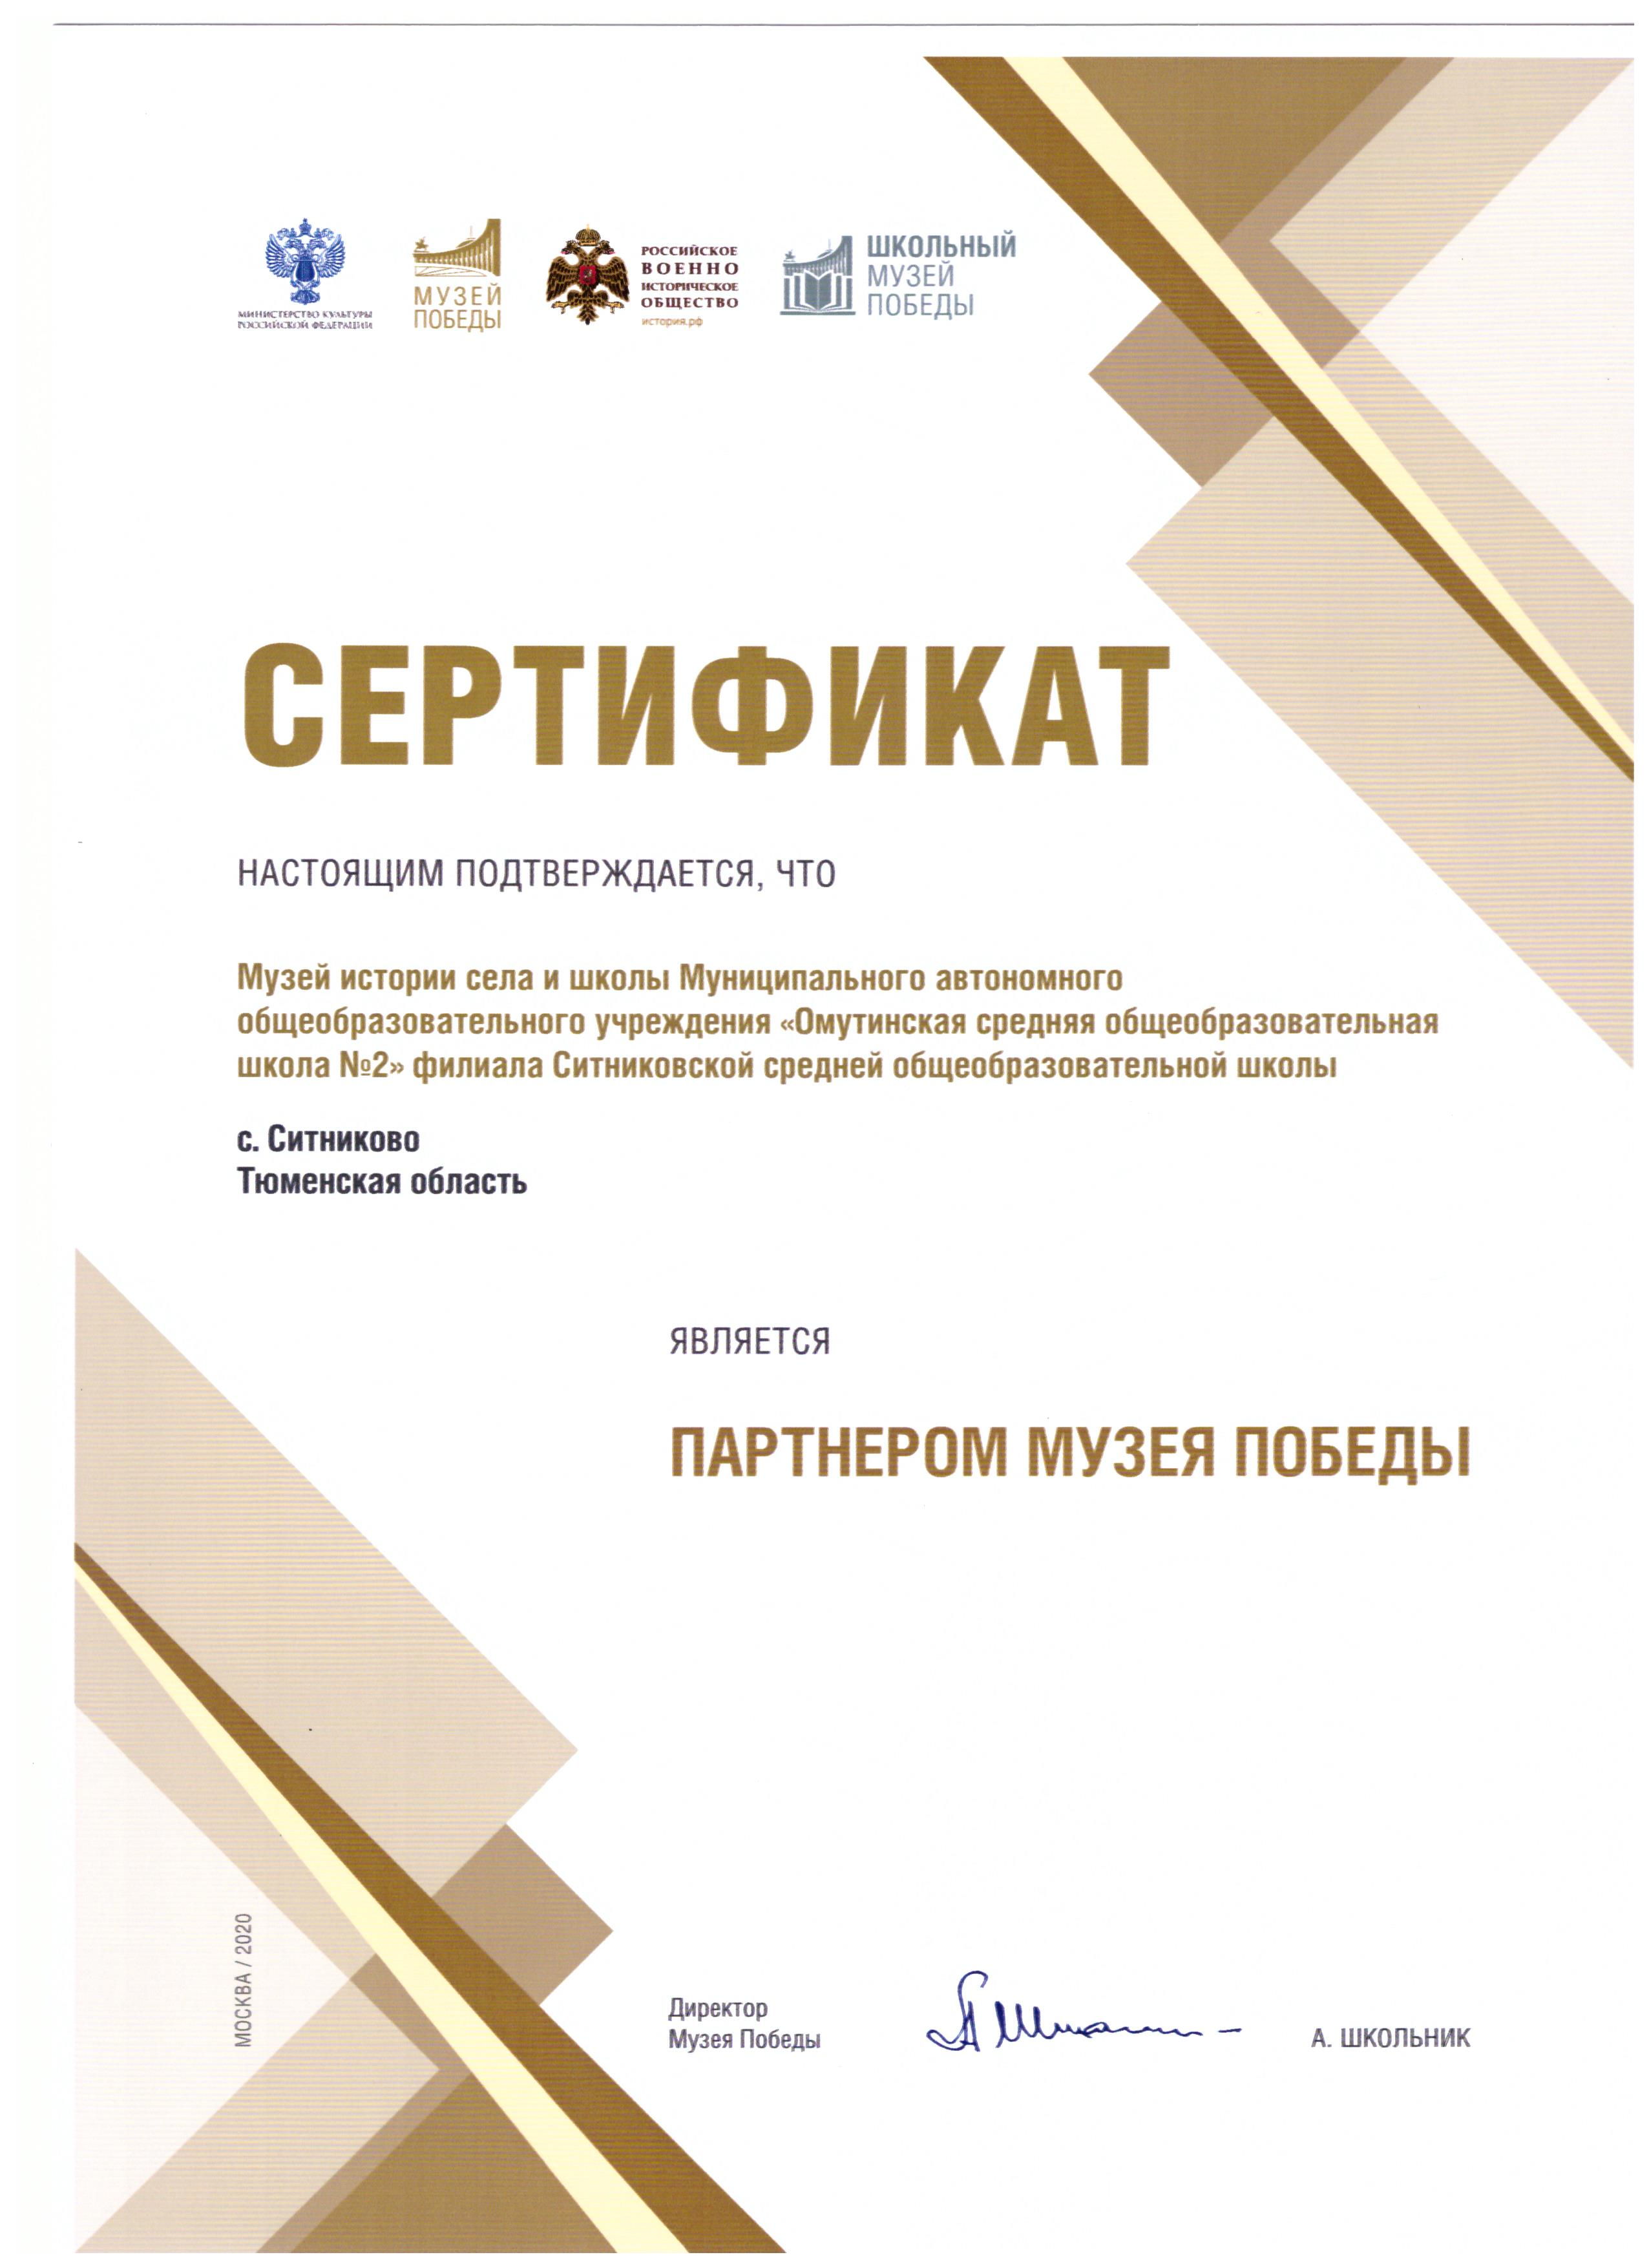 Школьный музей-Партнёр музея Победы.